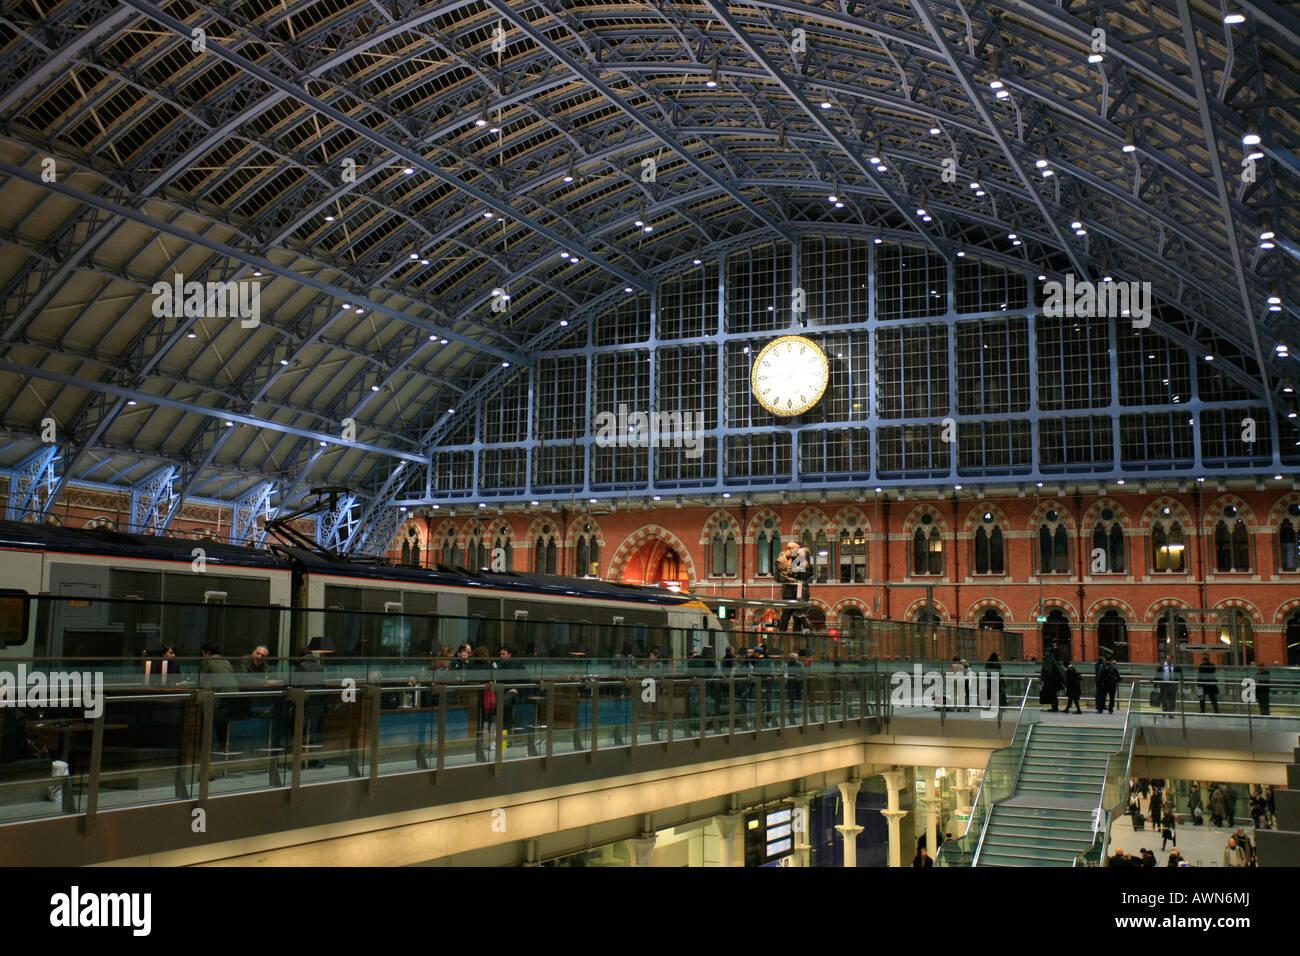 St. Pancras International Train Station, London, UK Stock Photo